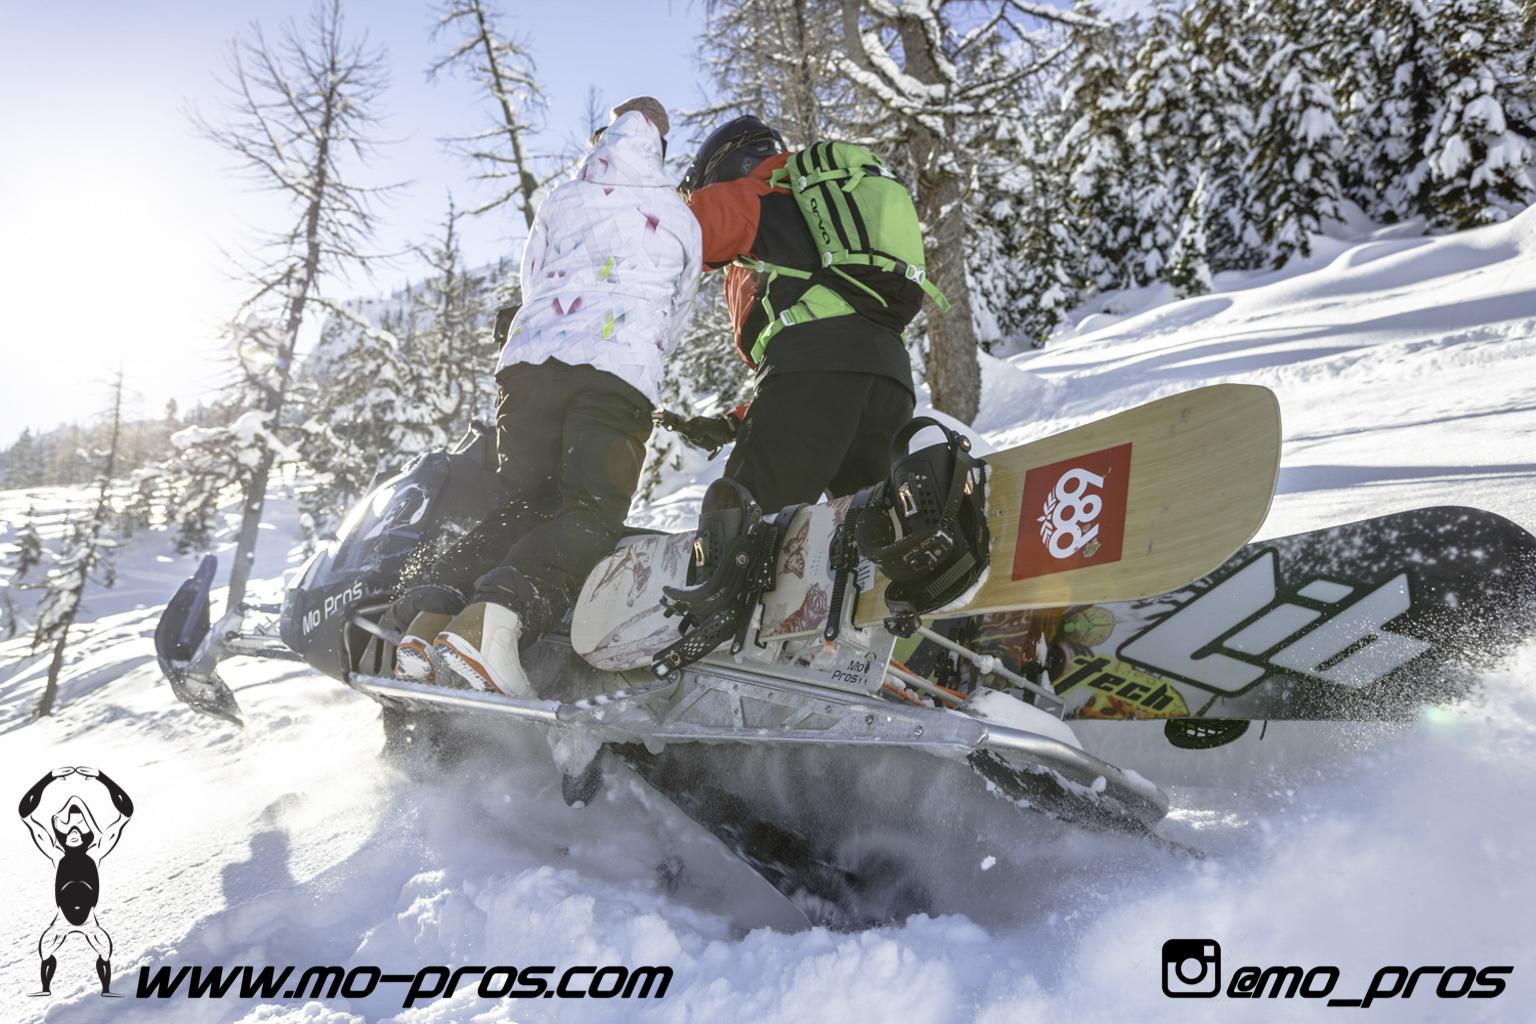 66_gas Rack_Gear_Gun Rack_LinQ Snowboard Ski_Ski_Snowbike_Timbersled Rack_Tsaina Rack_CFR rack_Cheetah Factory Racing_Snowboard rack_snowboard_Snowboarding_snowmobile bag_Snowmobile_timbersled bag_Ti.jpg